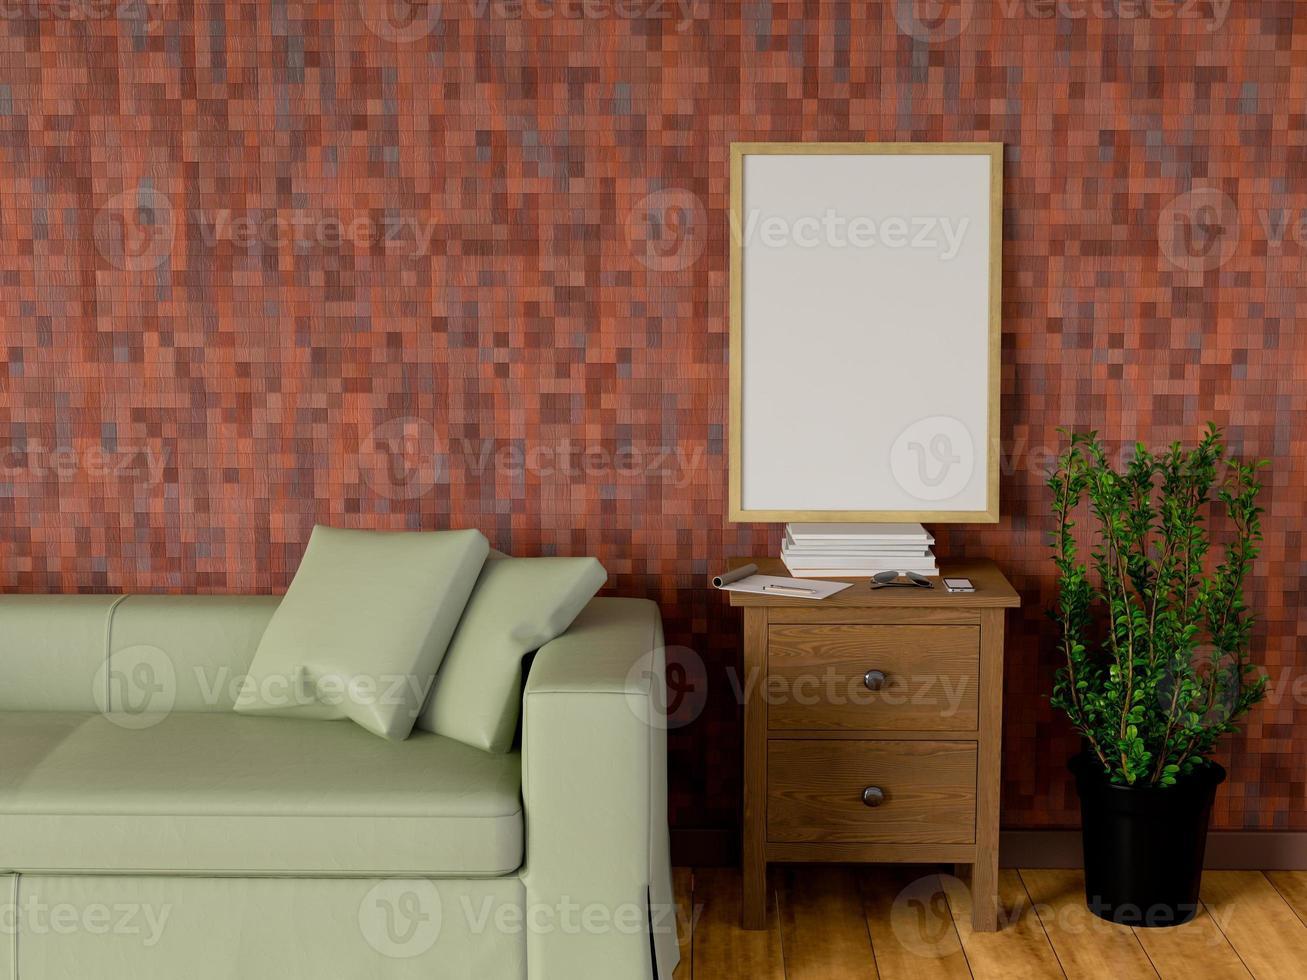 simulacro de cartel en la sala de estar, representación 3d foto